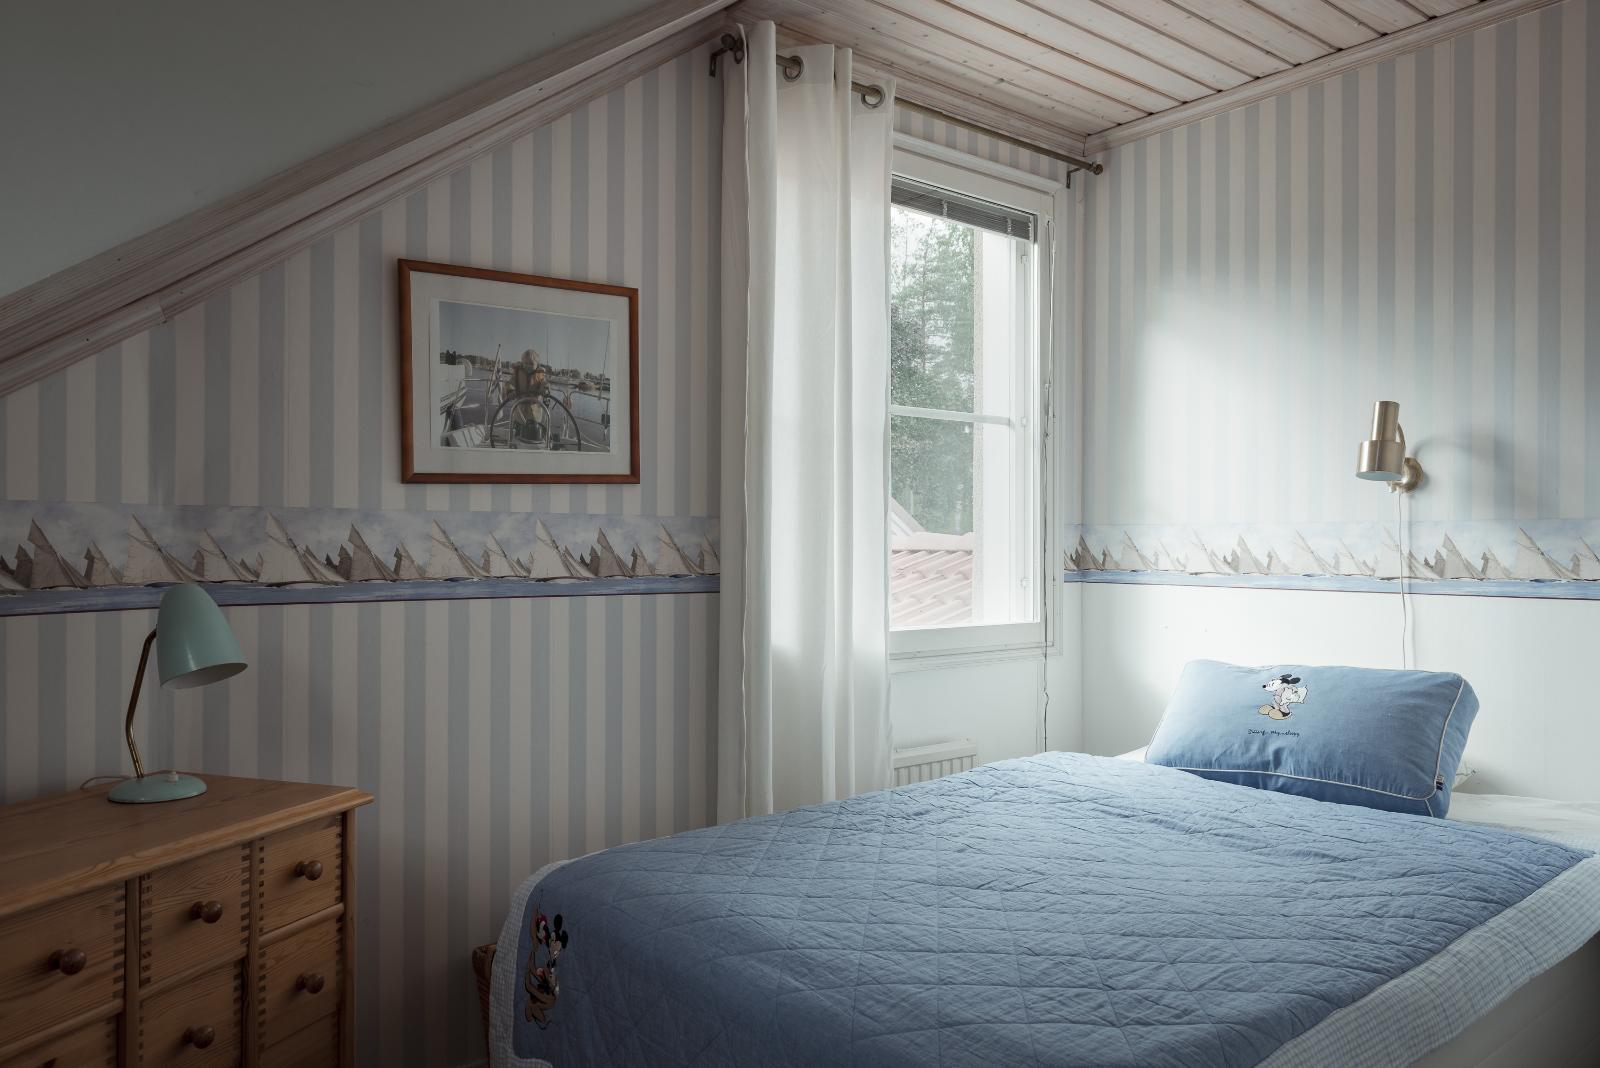 Makuuhuoneiden vinot sisäkatot tuovat huvilamaista tunnelmaa. title=